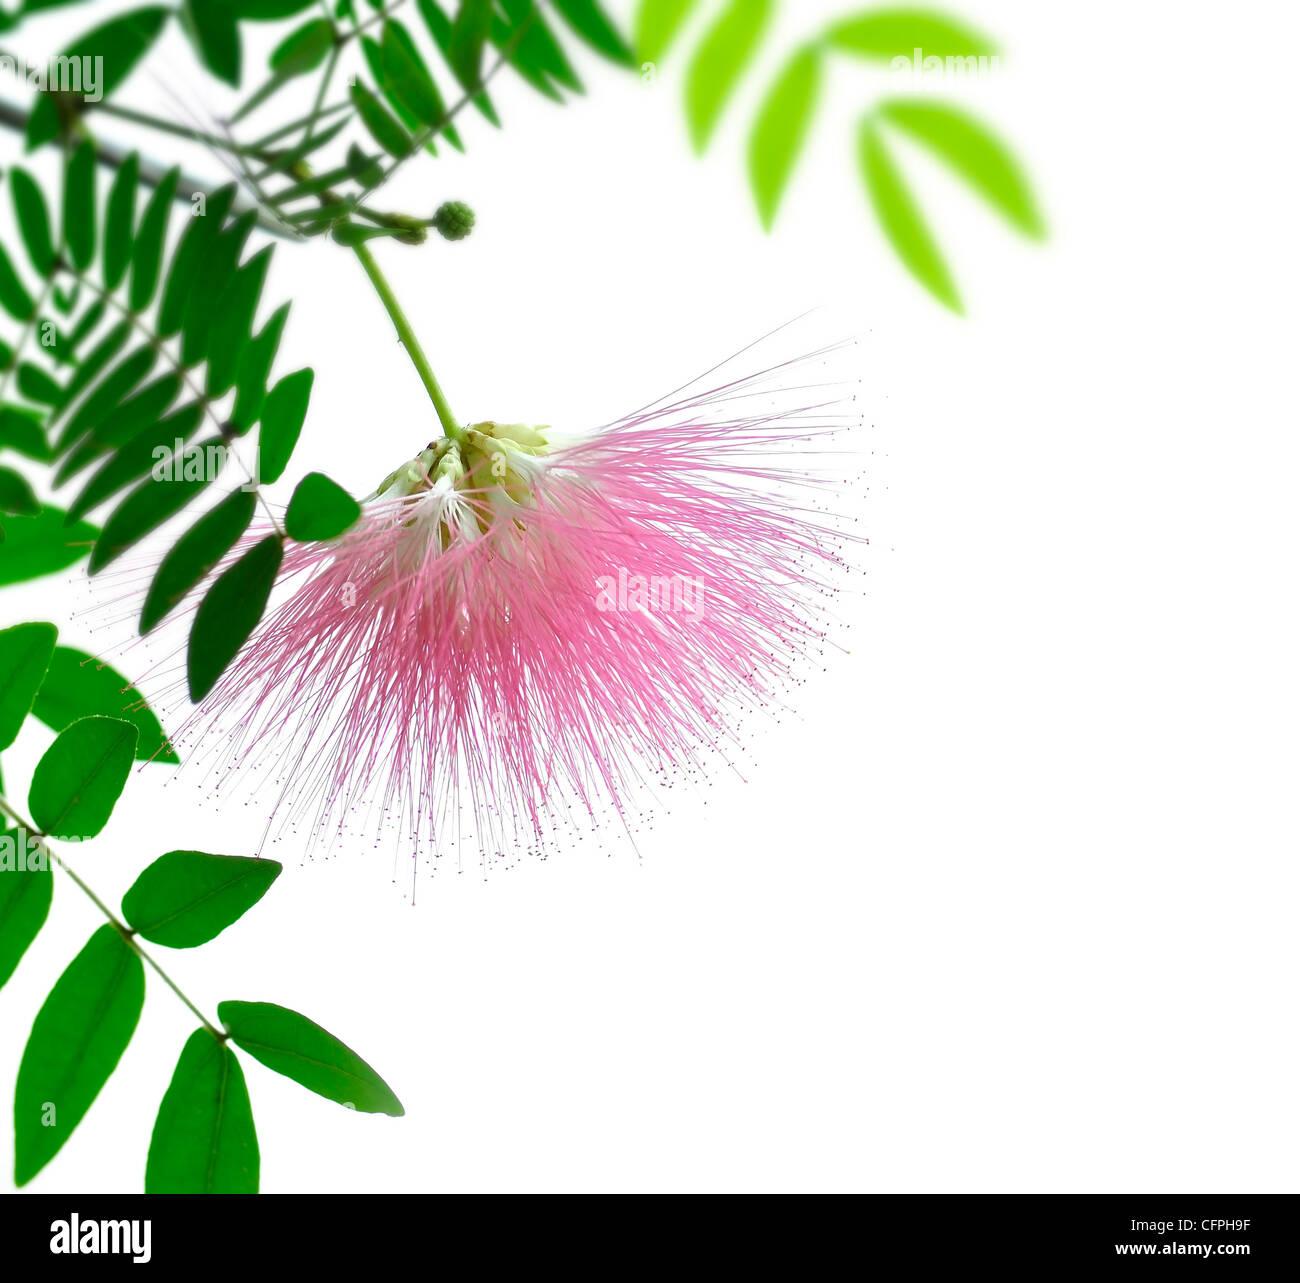 Blushing Sunburst Blossom On White Background - Stock Image